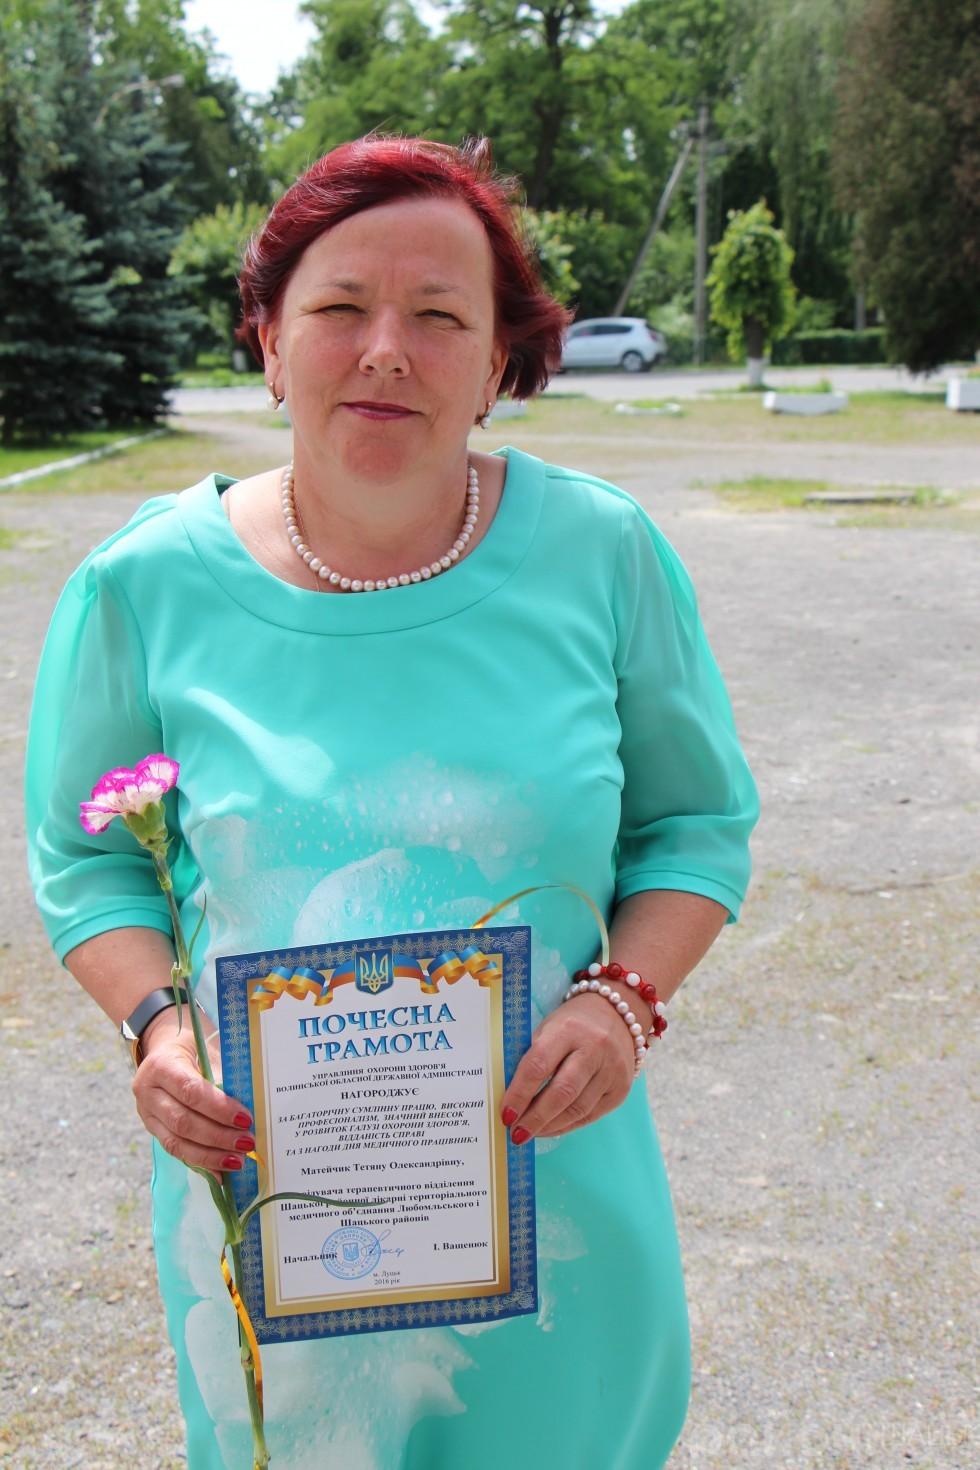 Грамоту управління охорони здоров'я Волинської ОДА отримала Тетяна Матейчик, завідуюча терапевтичного відділення Шацької районної лікарні